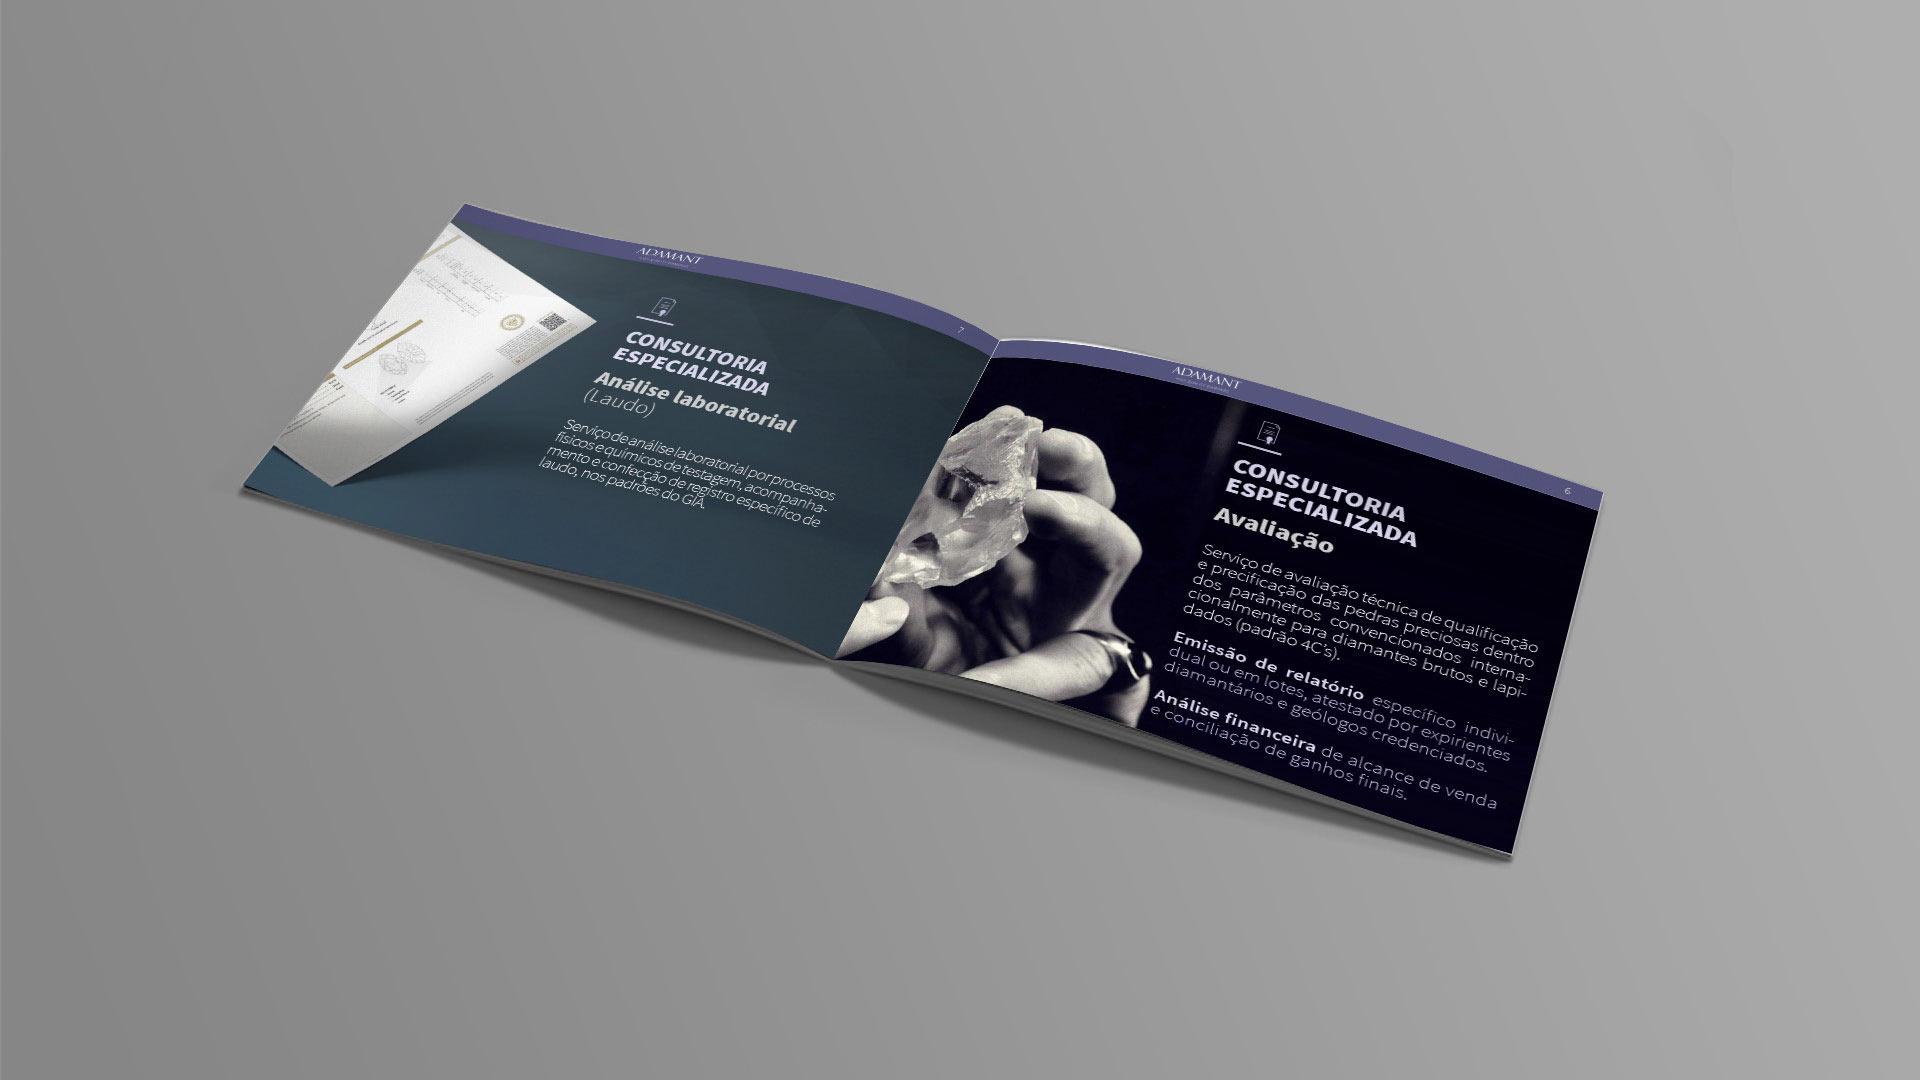 Criação e Diagramação de Projetos Gráficos para desenvolvimento de publicações como livros, revistas, catálogos e peças publicitárias em Brasília